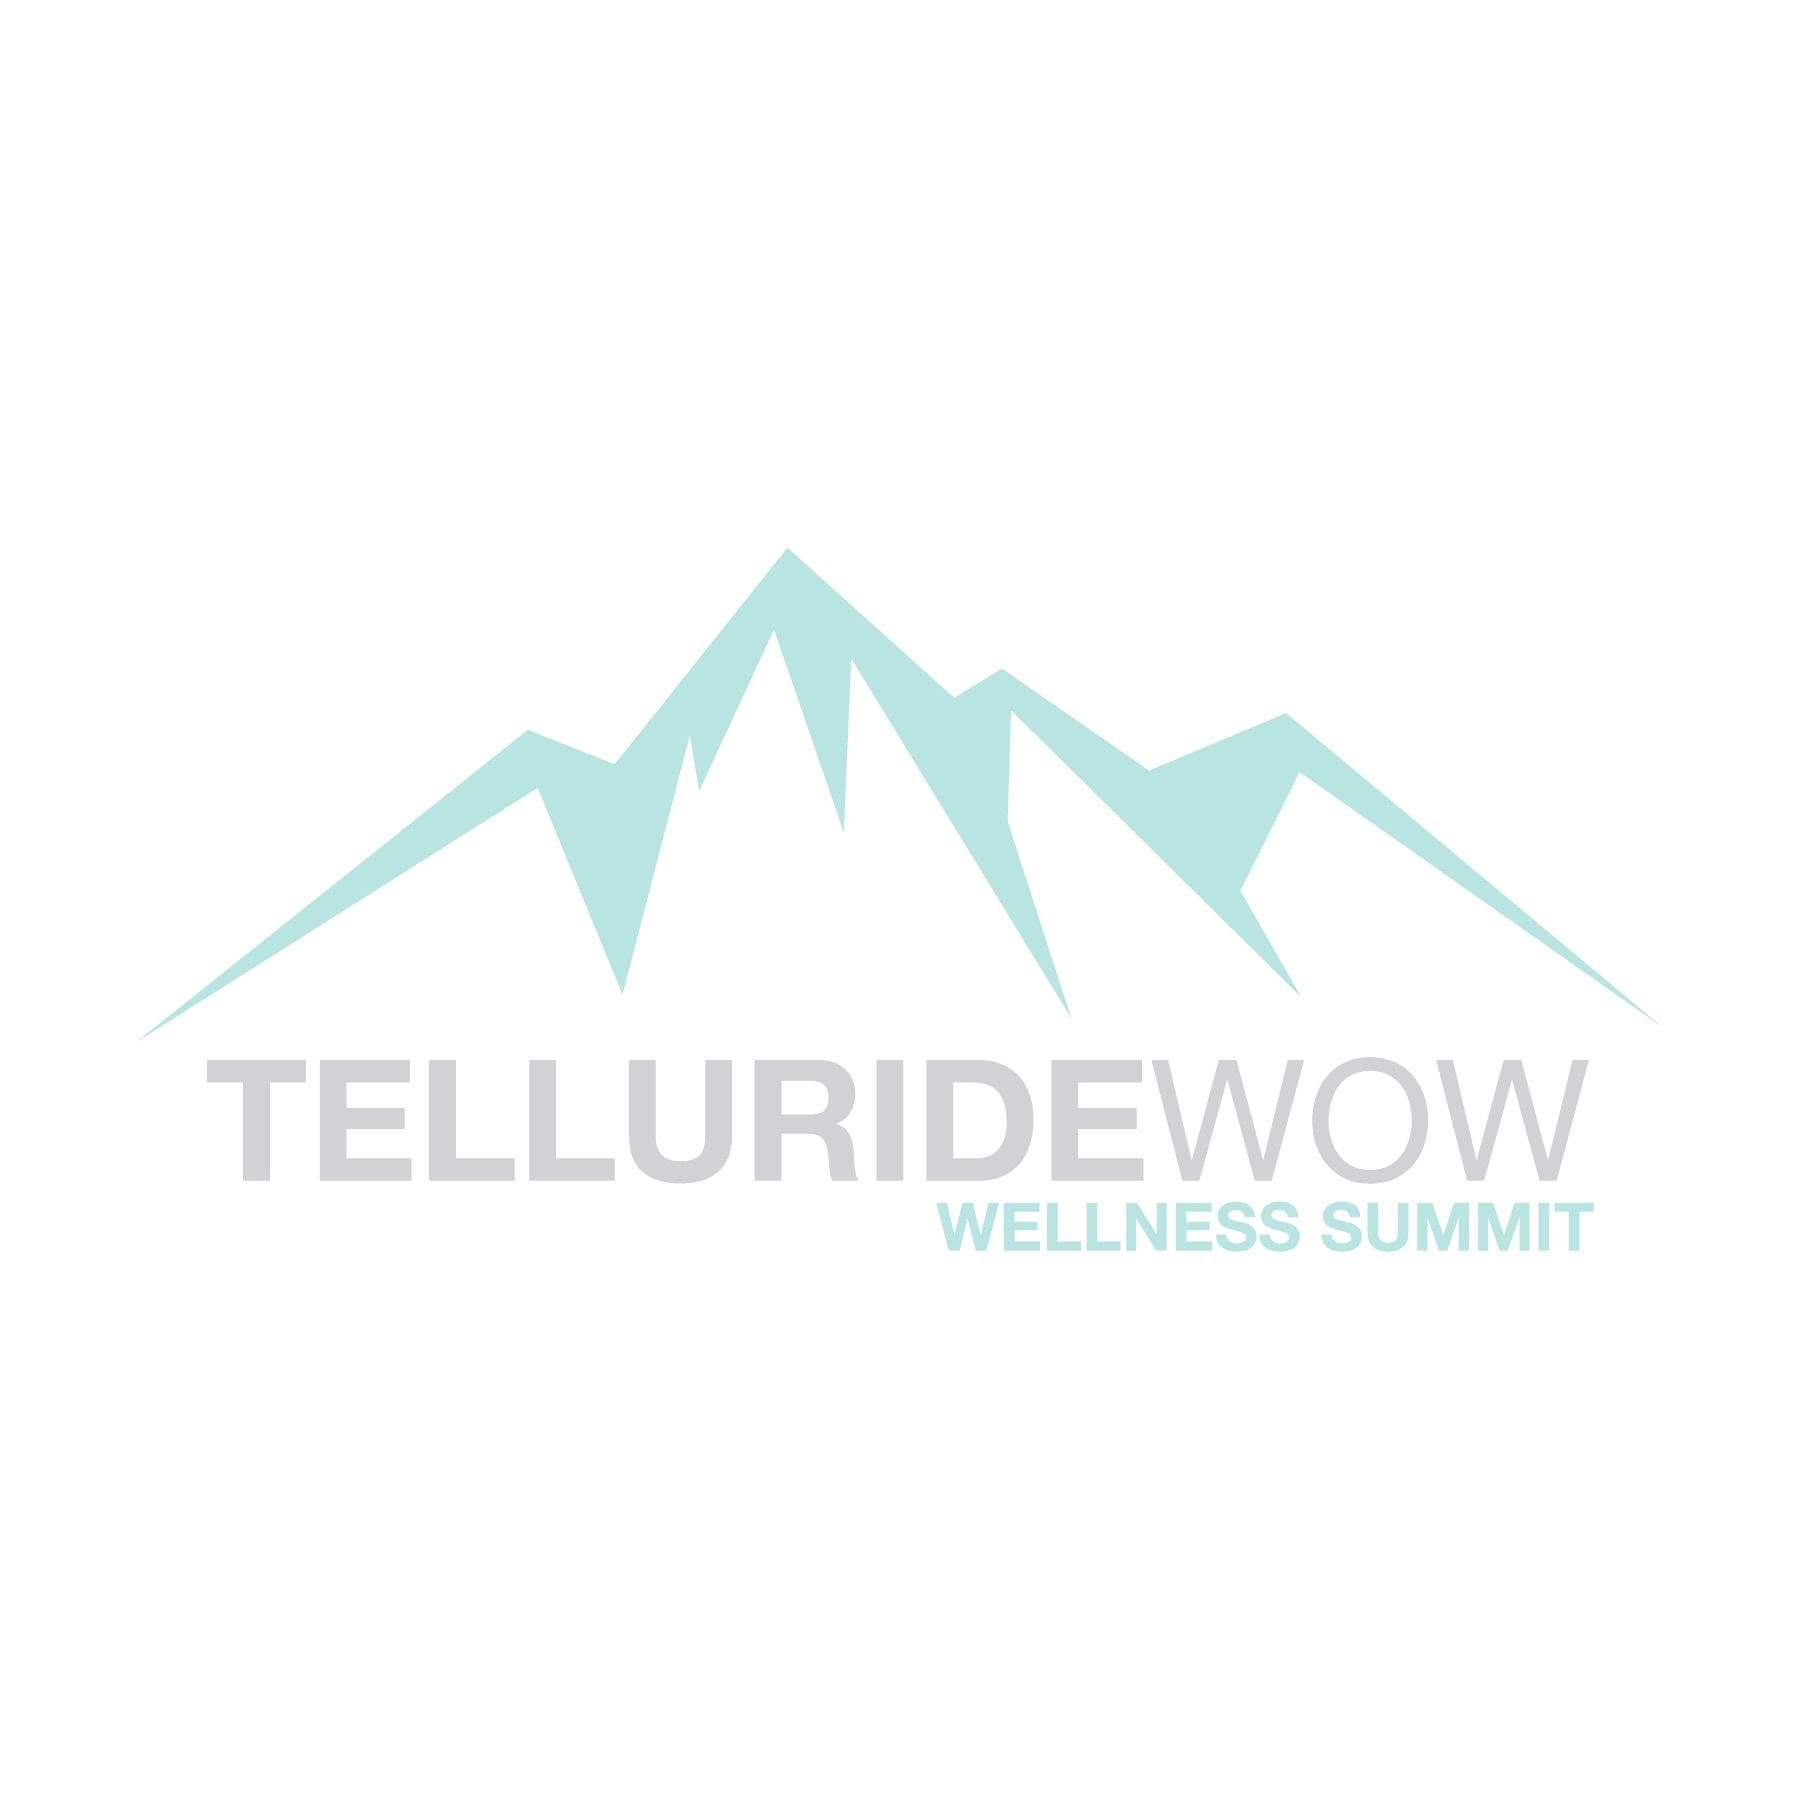 WOW_2019 logo1.jpg